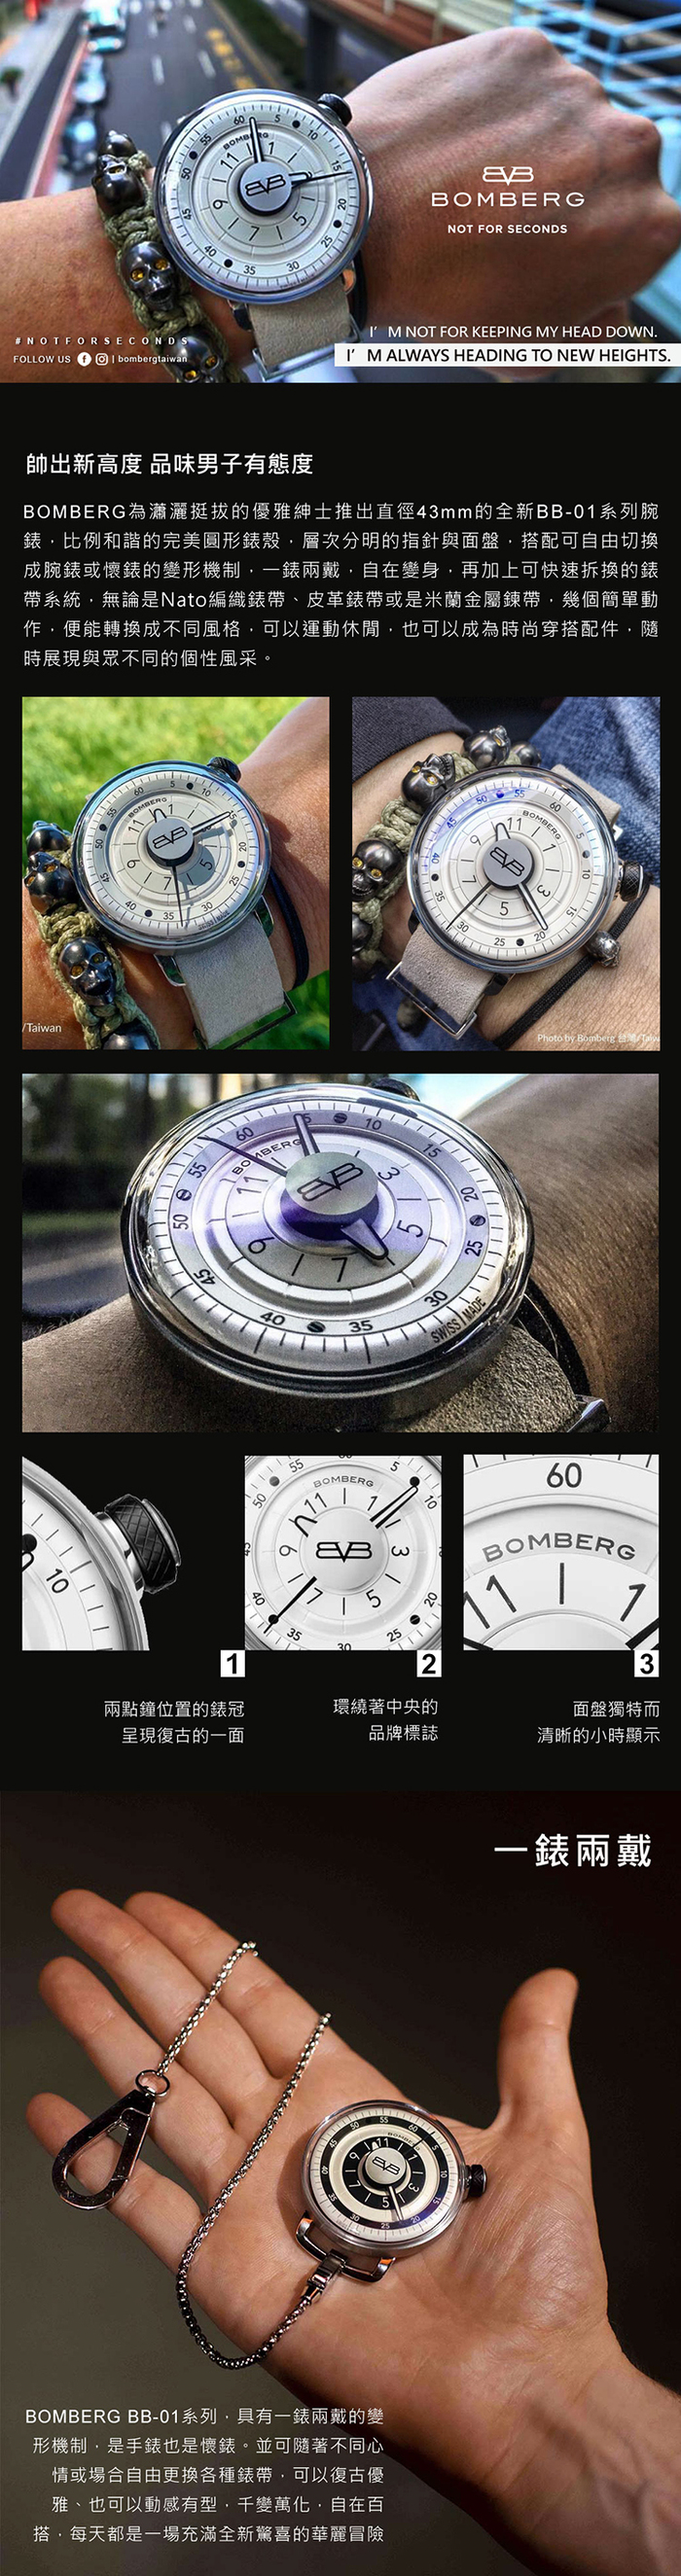 (複製)BOMBERG   BB-01 全鋼白面皮錶帶錶款   錶徑 43mm